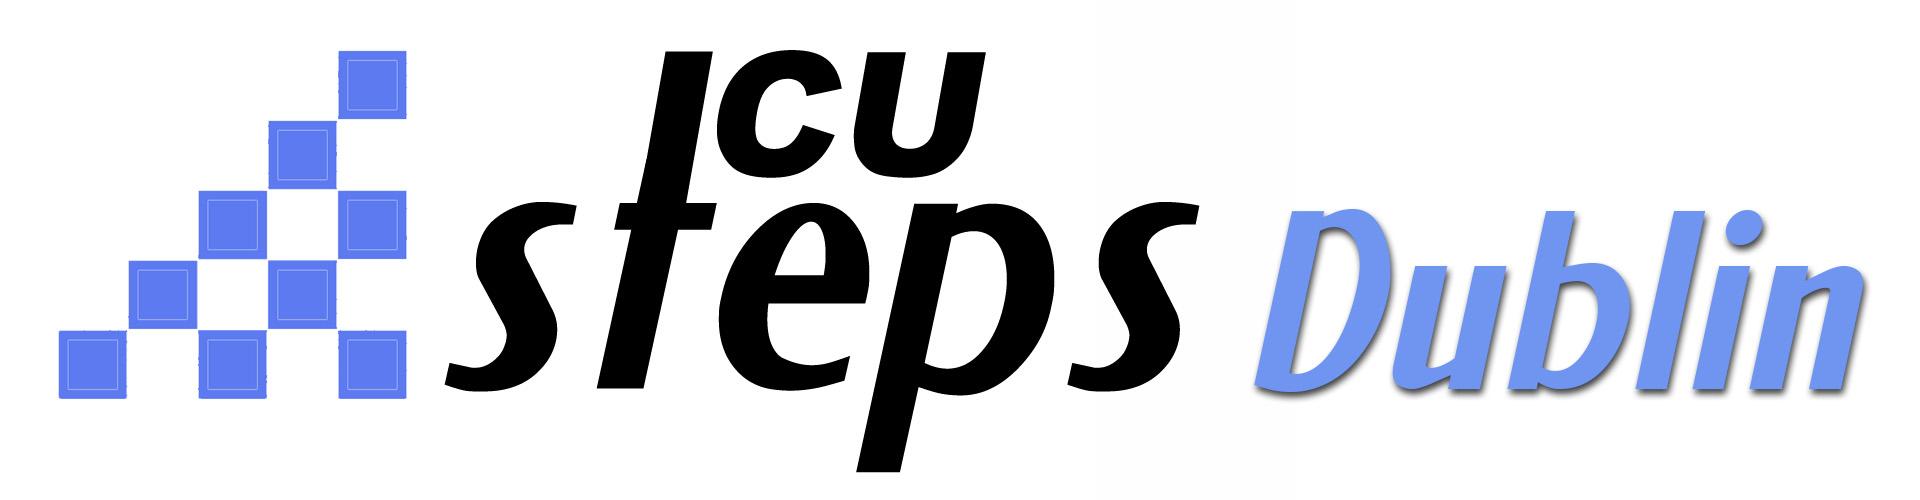 ICUsteps Dublin